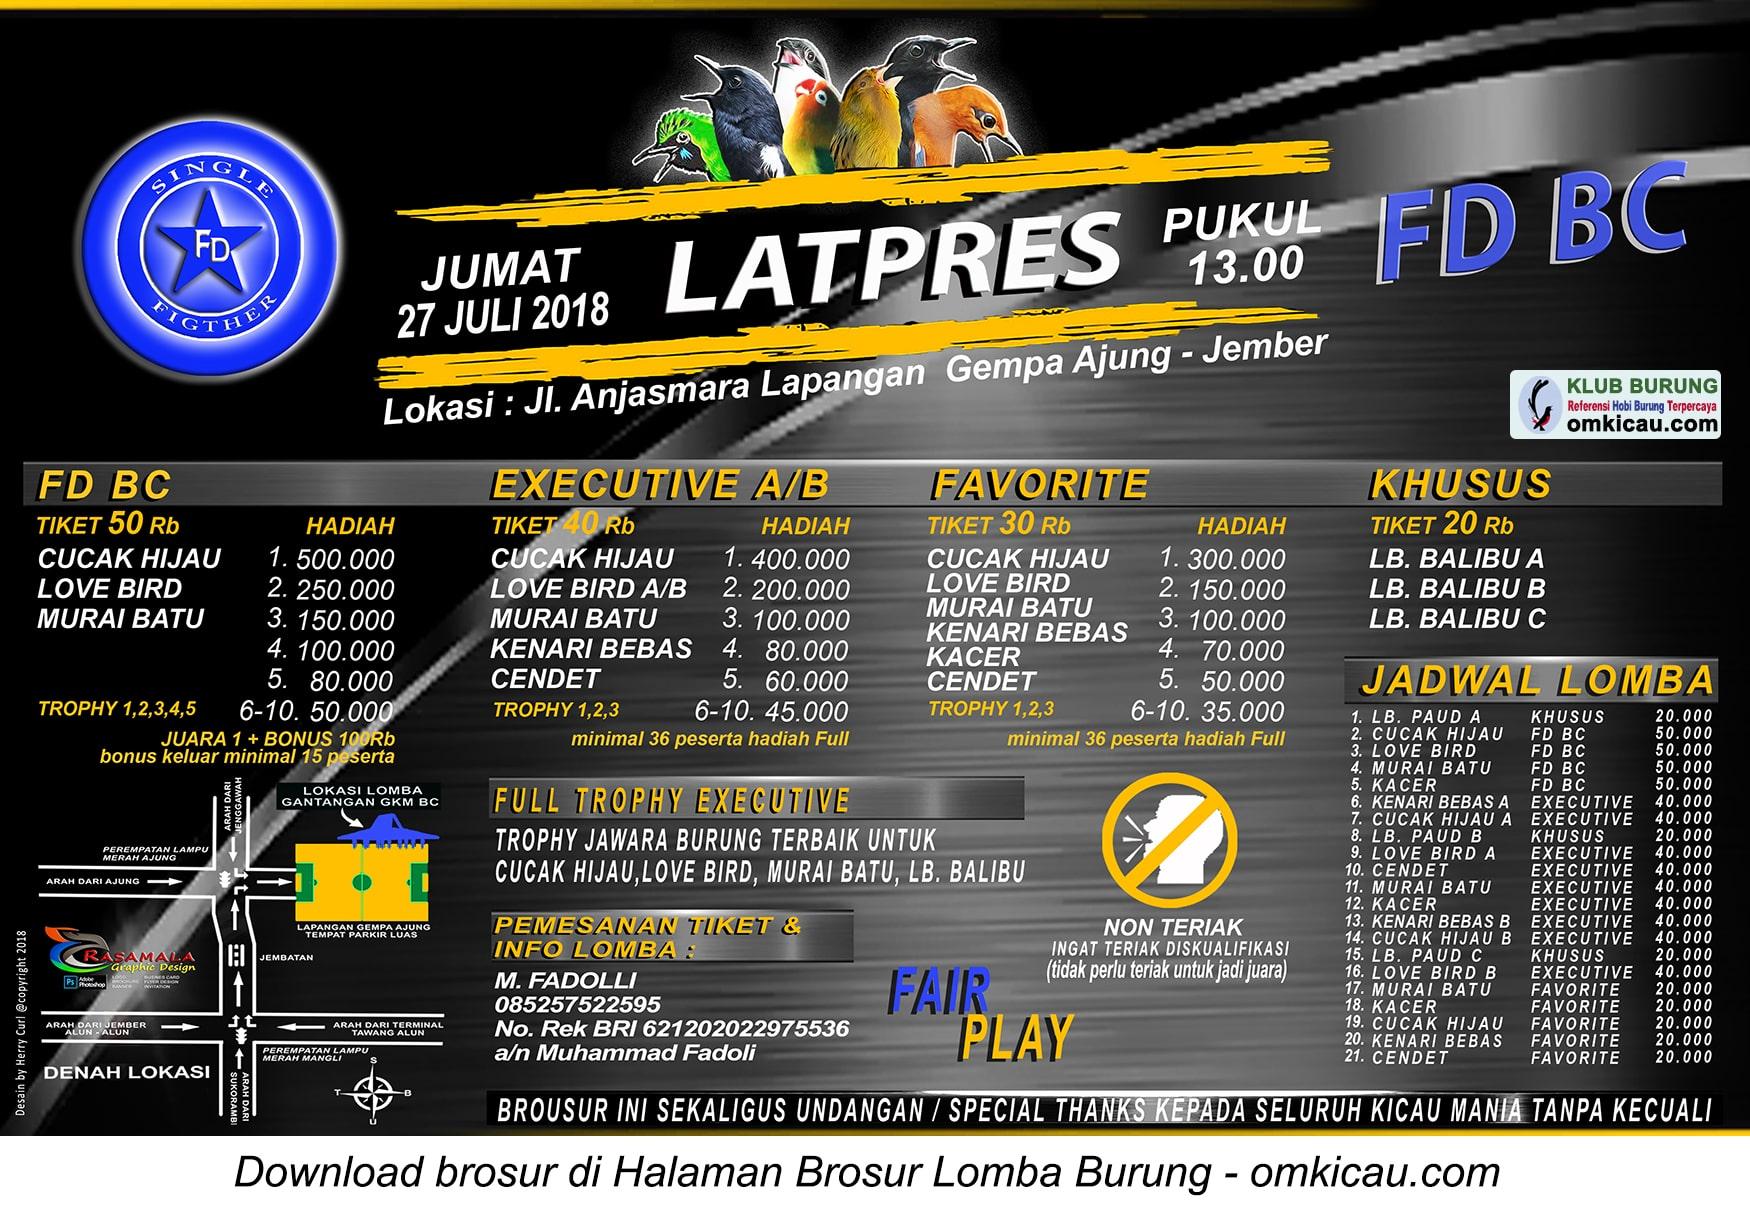 Latpres FD BC